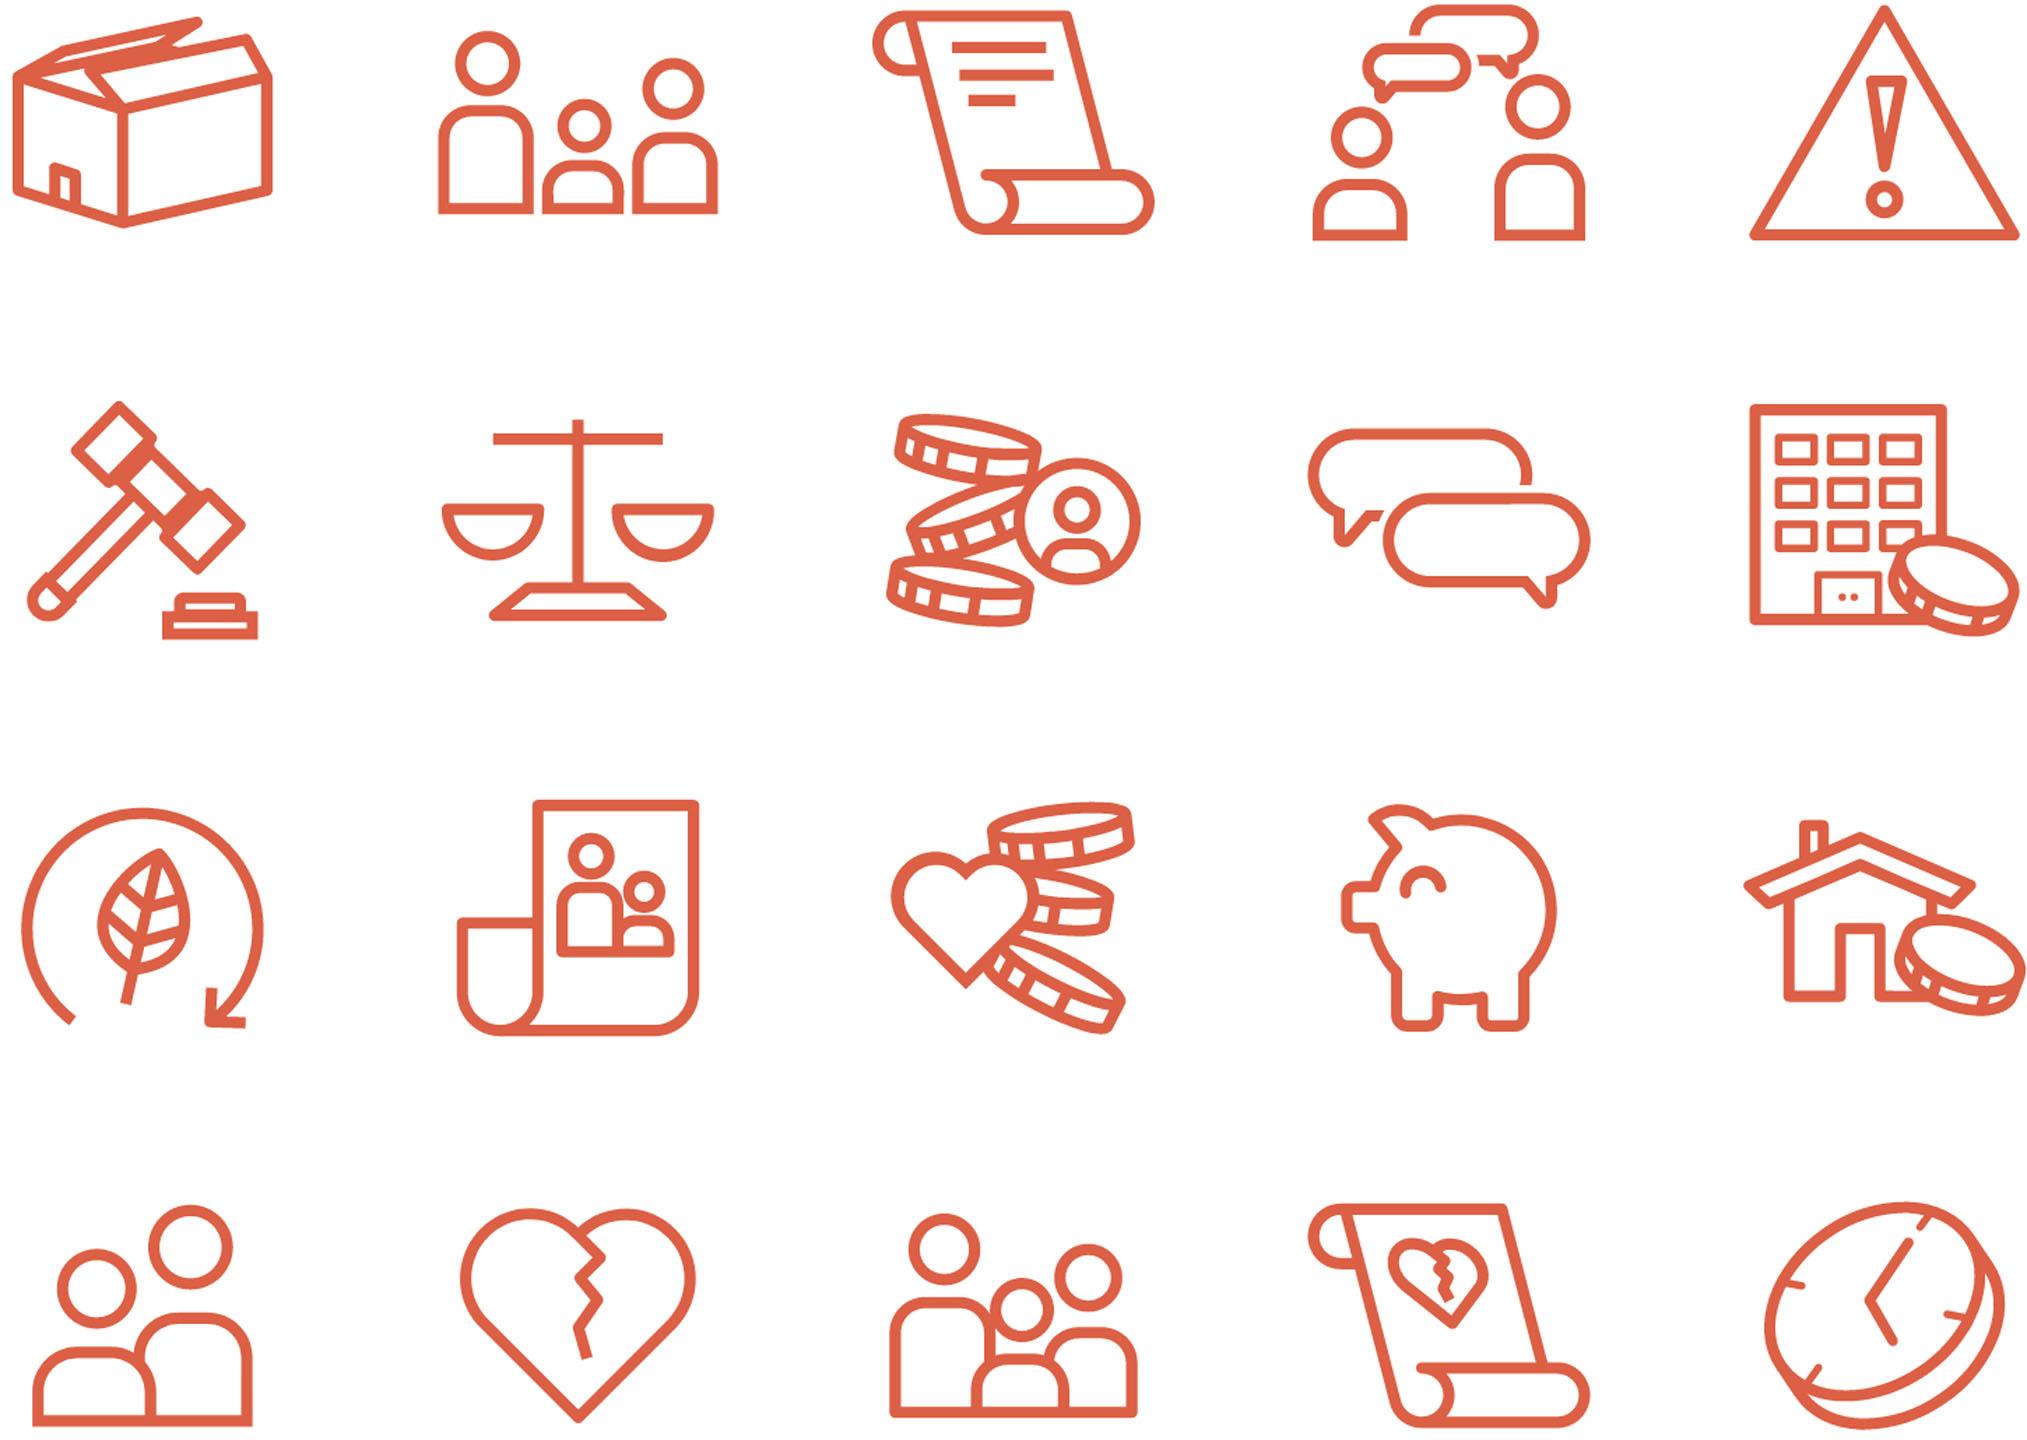 Verschillende iconen die context geven aan de diensten van Link Juristen & Mediatiors